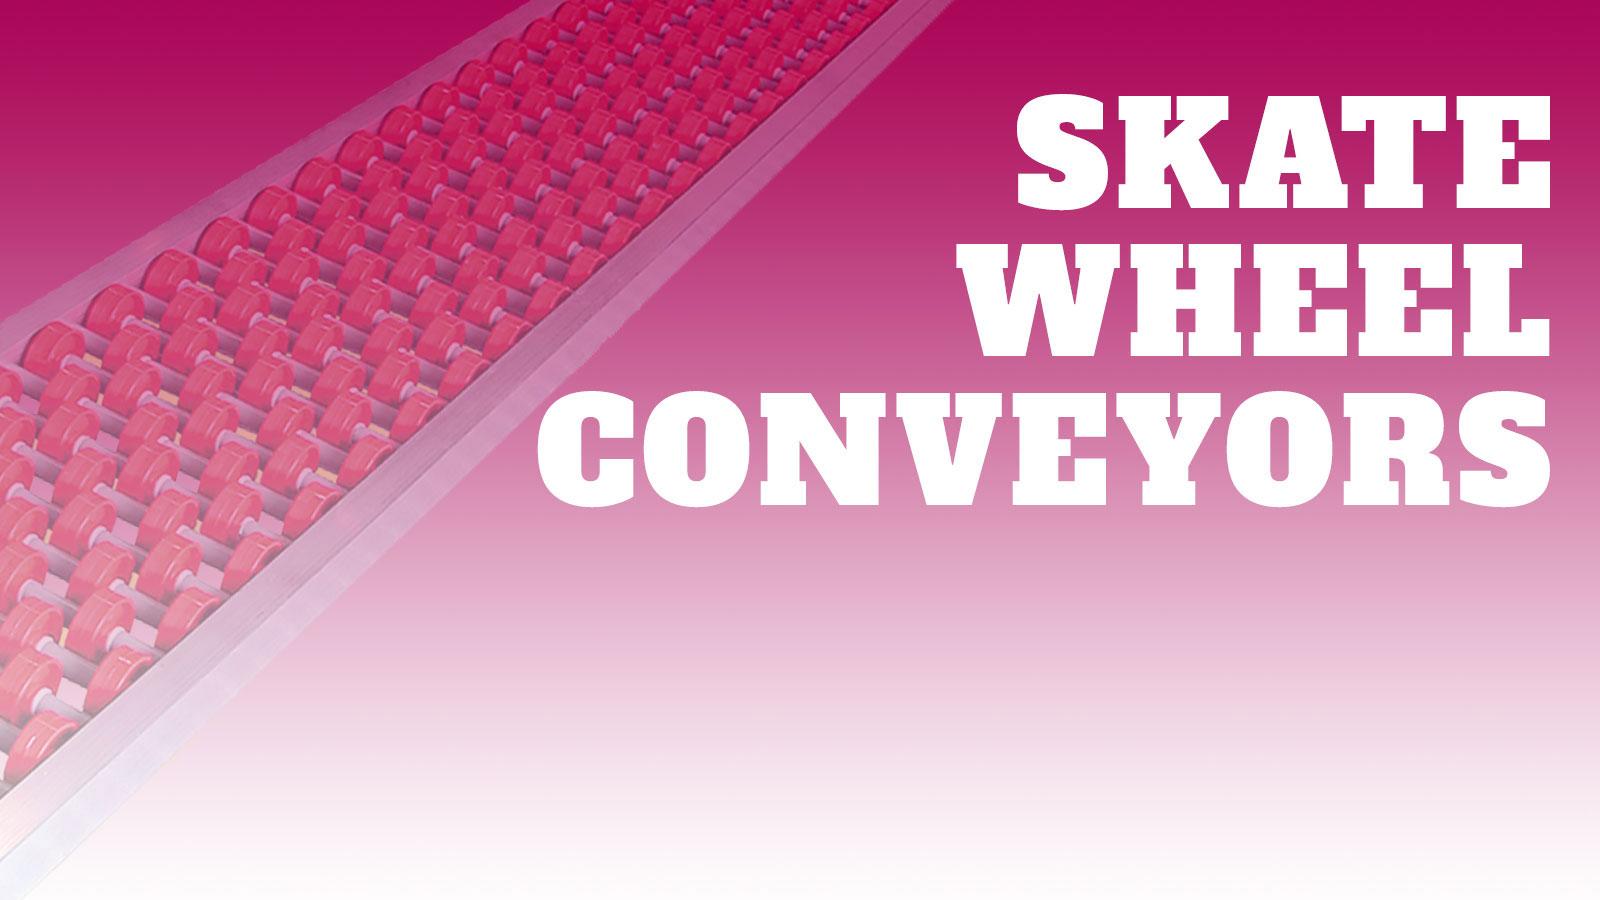 Conveyor-Skate-Wheel